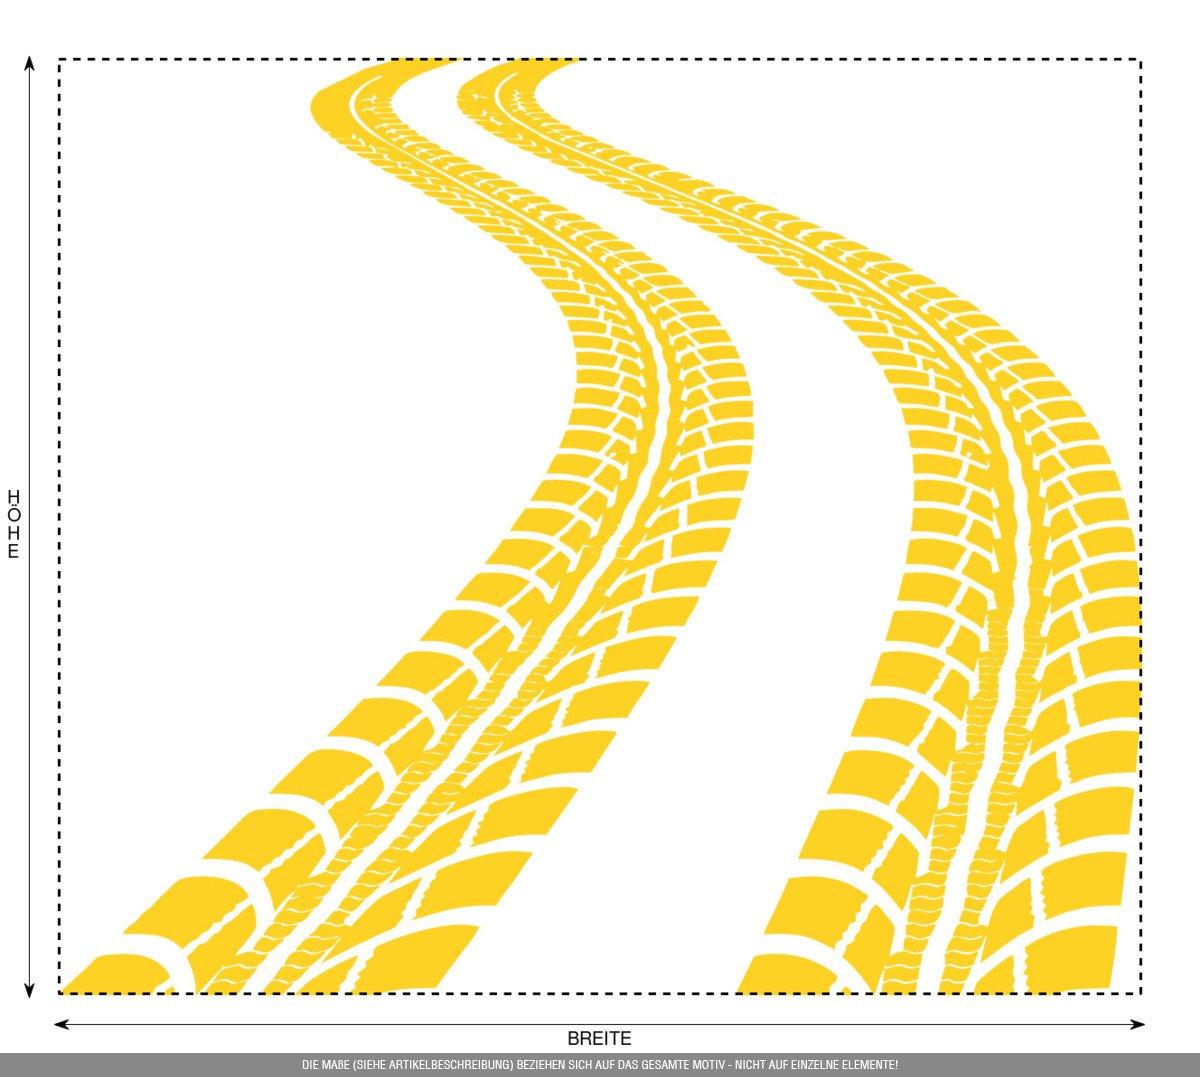 CLICKANDPRINT CLICKANDPRINT CLICKANDPRINT Aufkleber » Reifen-Spuren, 120x103,7cm, Schwarz • Wandtattoo   Wandaufkleber   Wandsticker   Wanddeko   Vinyl B01NBO76QM Wandtattoos & Wandbilder 6ccb7f